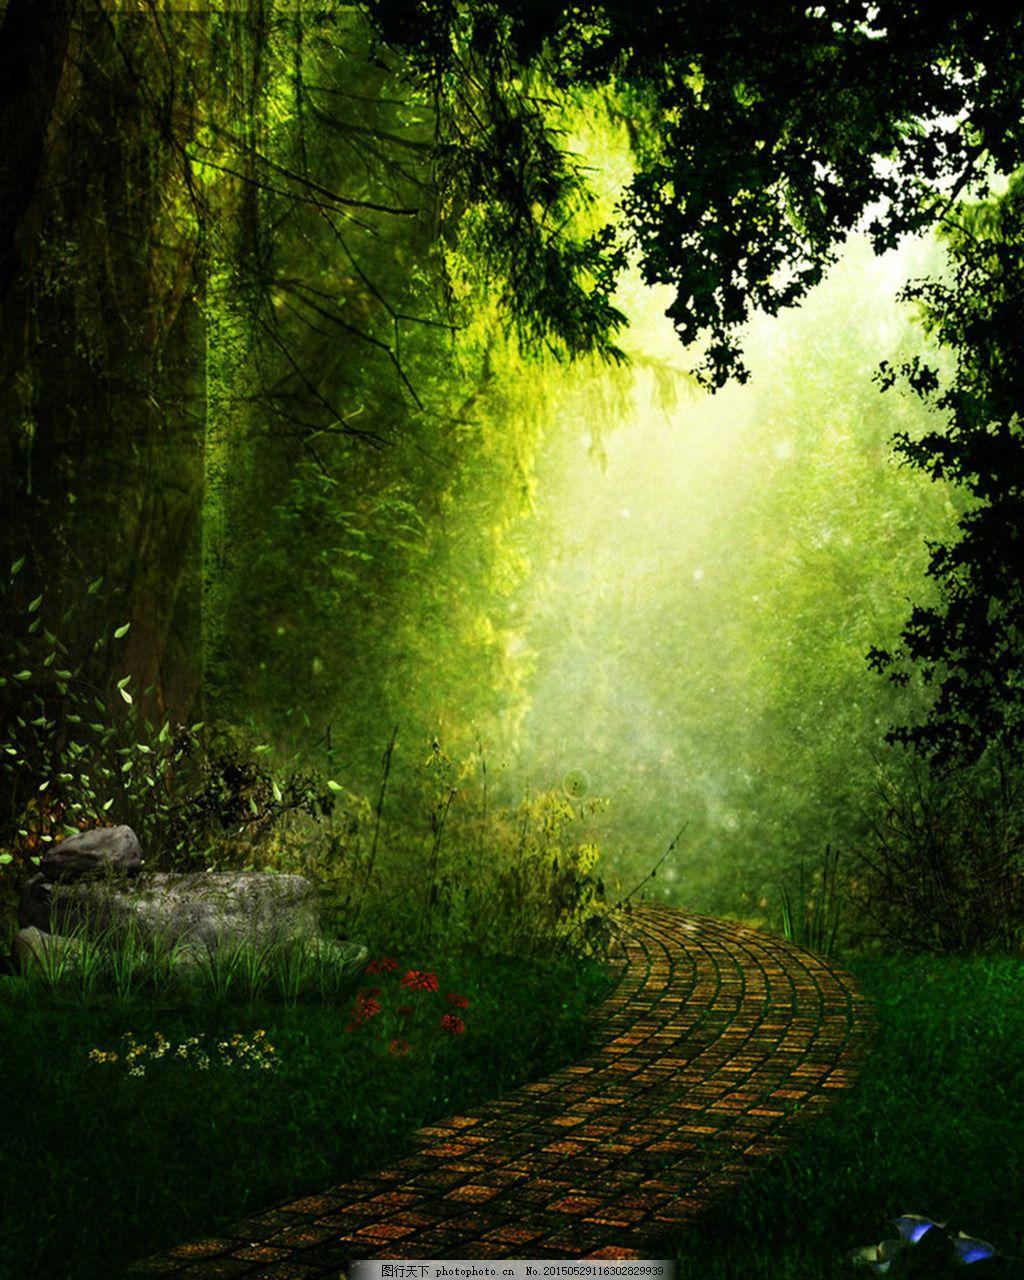 大自然素材 大自然 图片素材 背景图片 背景 风景背景     黑色 jpg